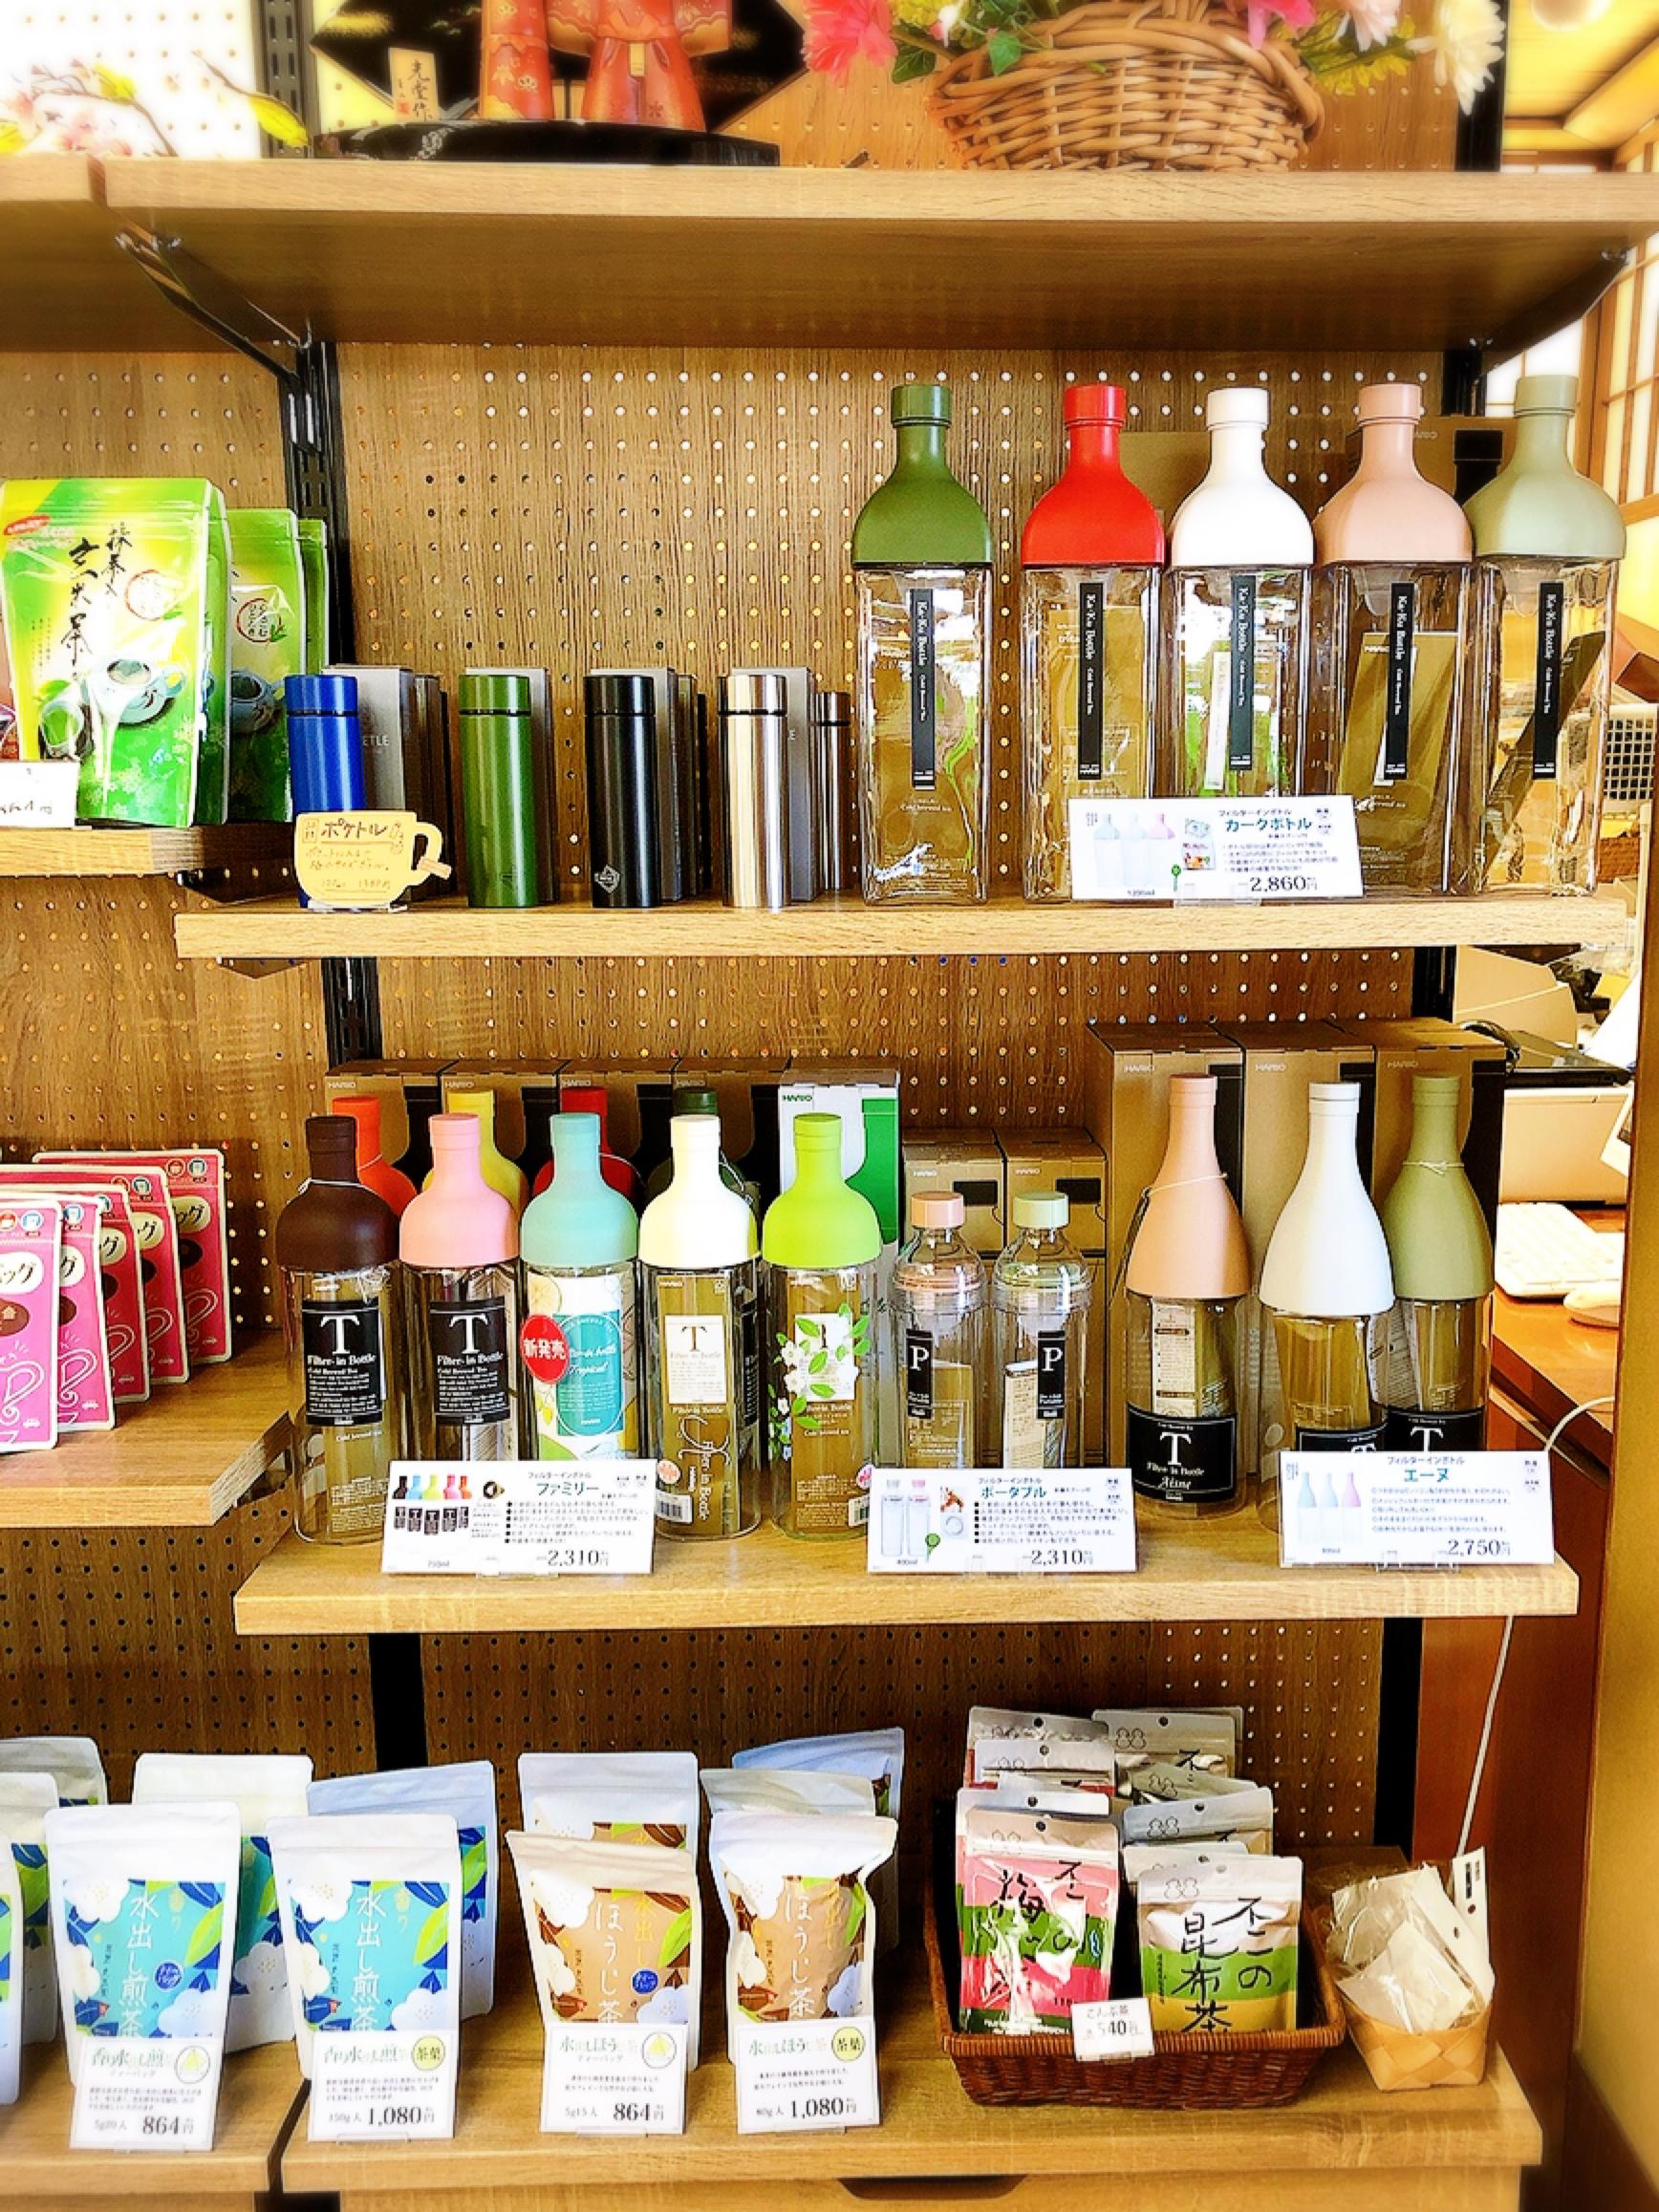 【#静岡】 ターゲットはMORE世代女子♩老舗お茶屋さんがプロデュースの濃厚抹茶スイーツがどれも超オススメ❁_10